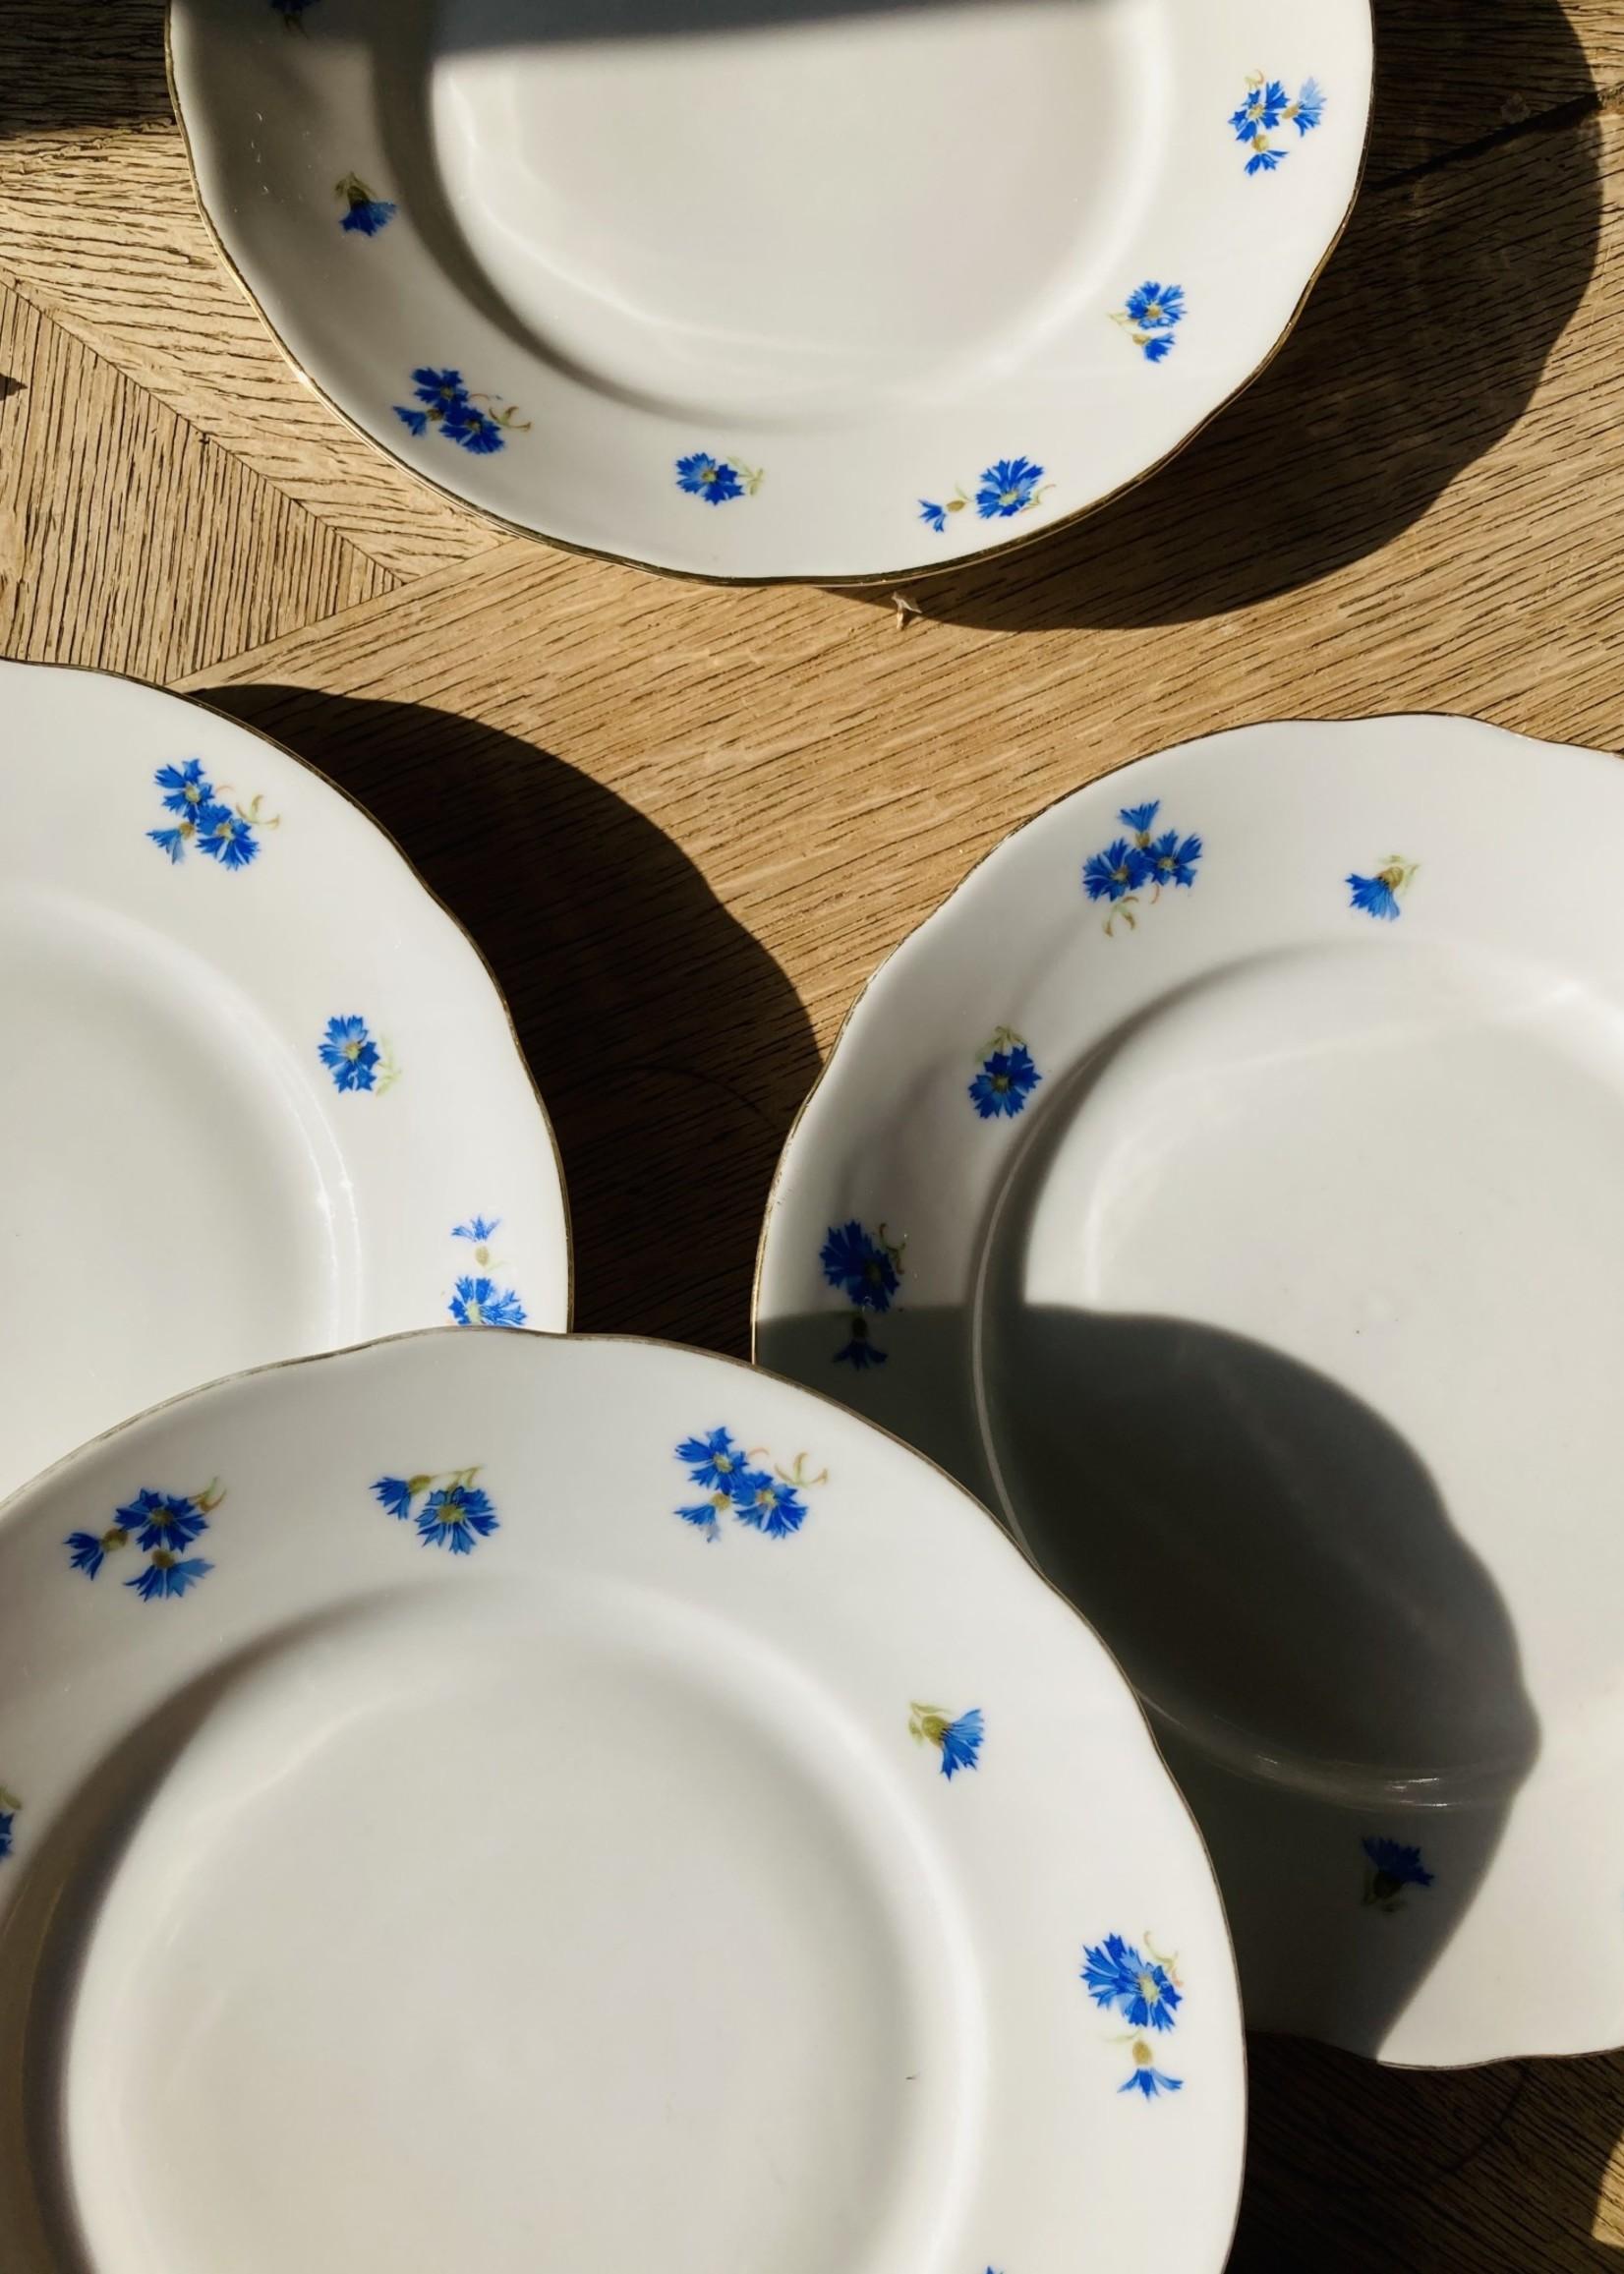 Desert plates Bavaria porcelain blue flowers and gold border